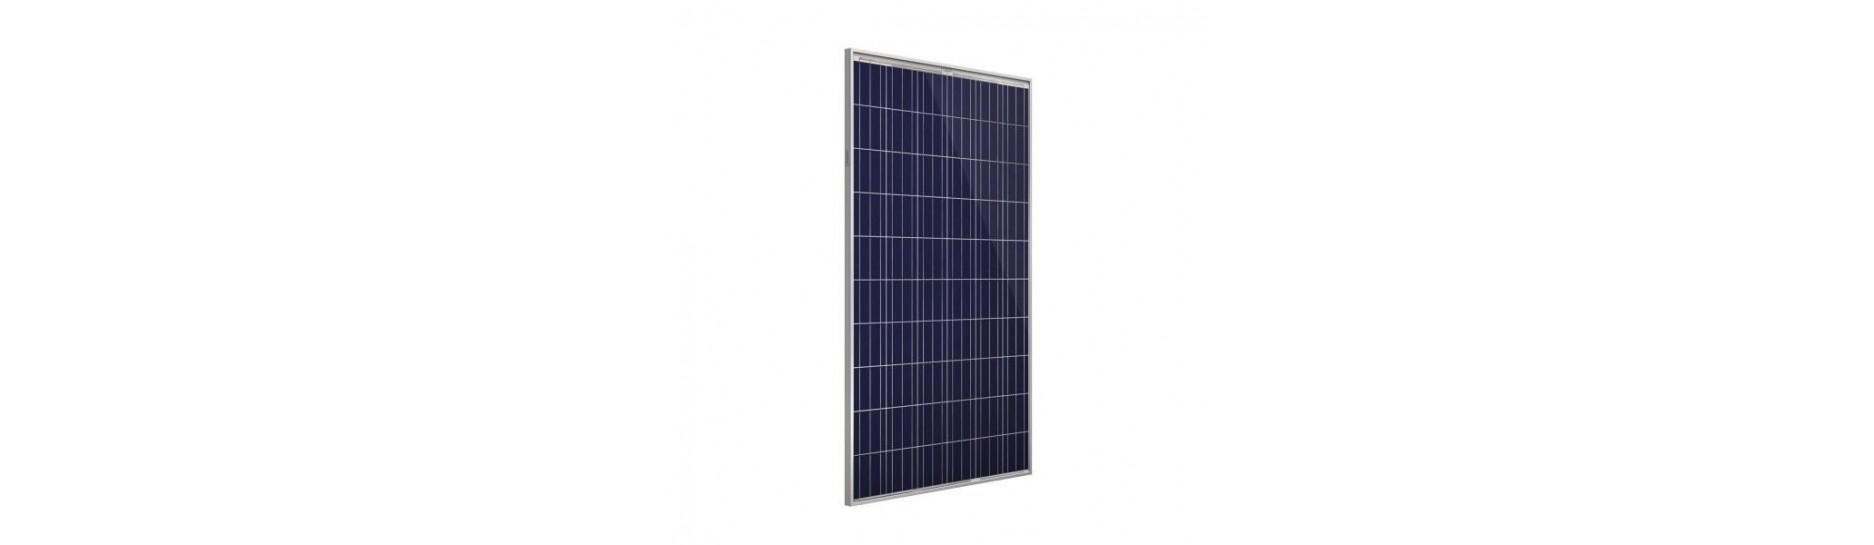 fotovoltaické panely, solární panely, 217Wp, 140Wp, amorfní, monokrystalické, polykrystalické